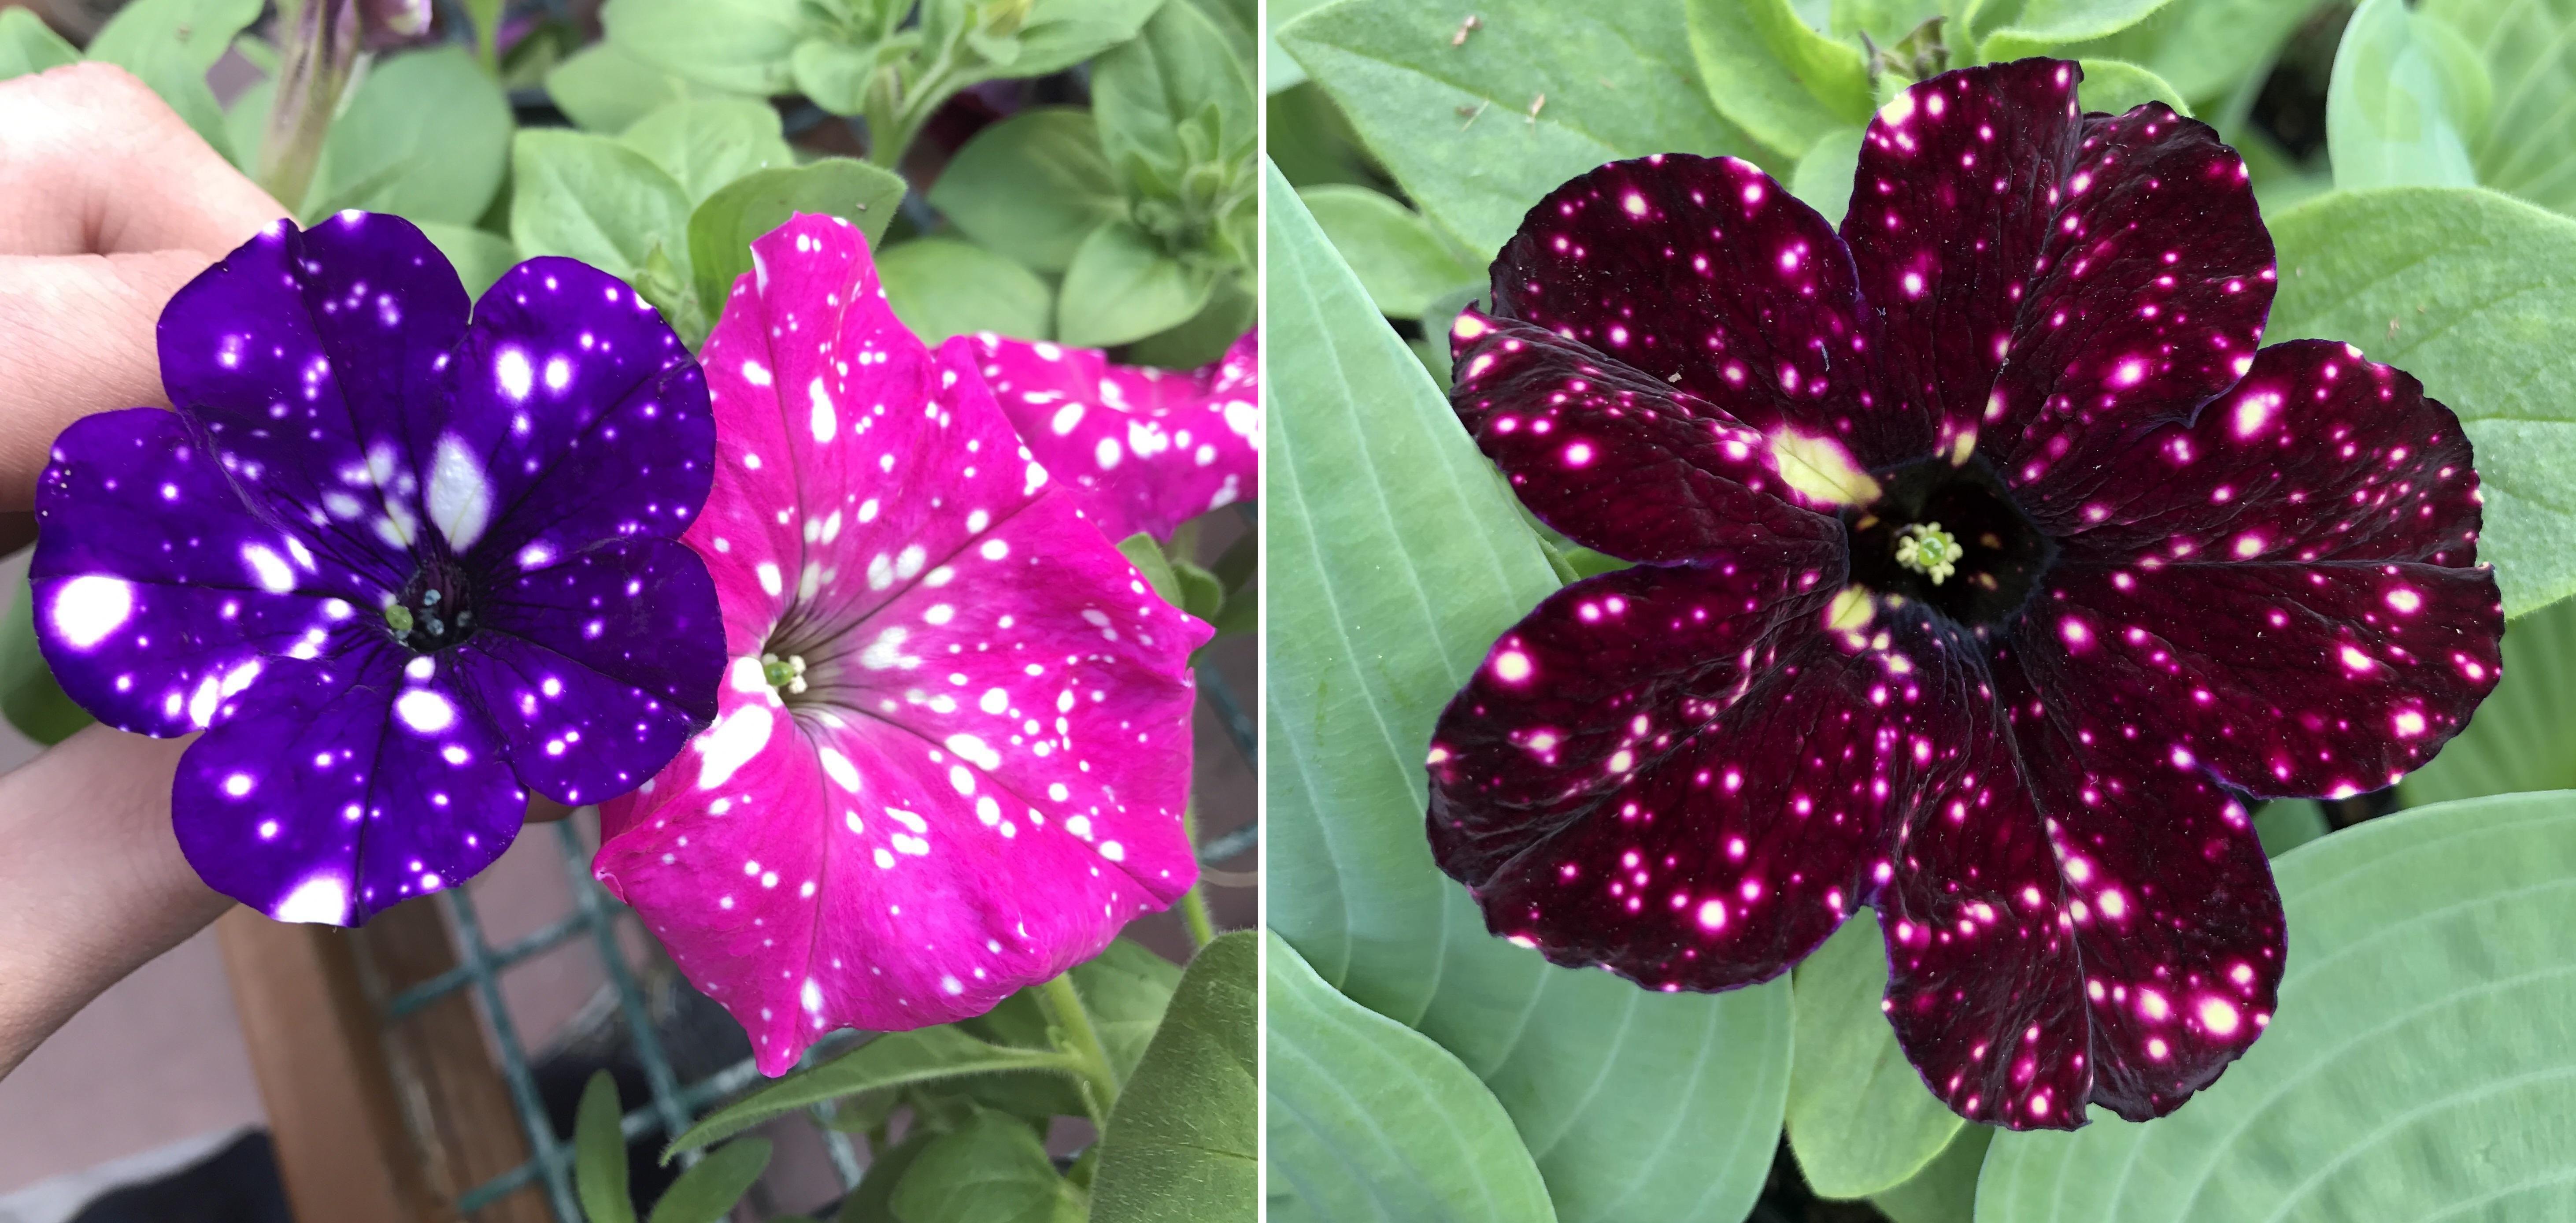 Dạ yến Thảo: Loài hoa mang cả dải ngân hà chứa trong lòng bàn tay